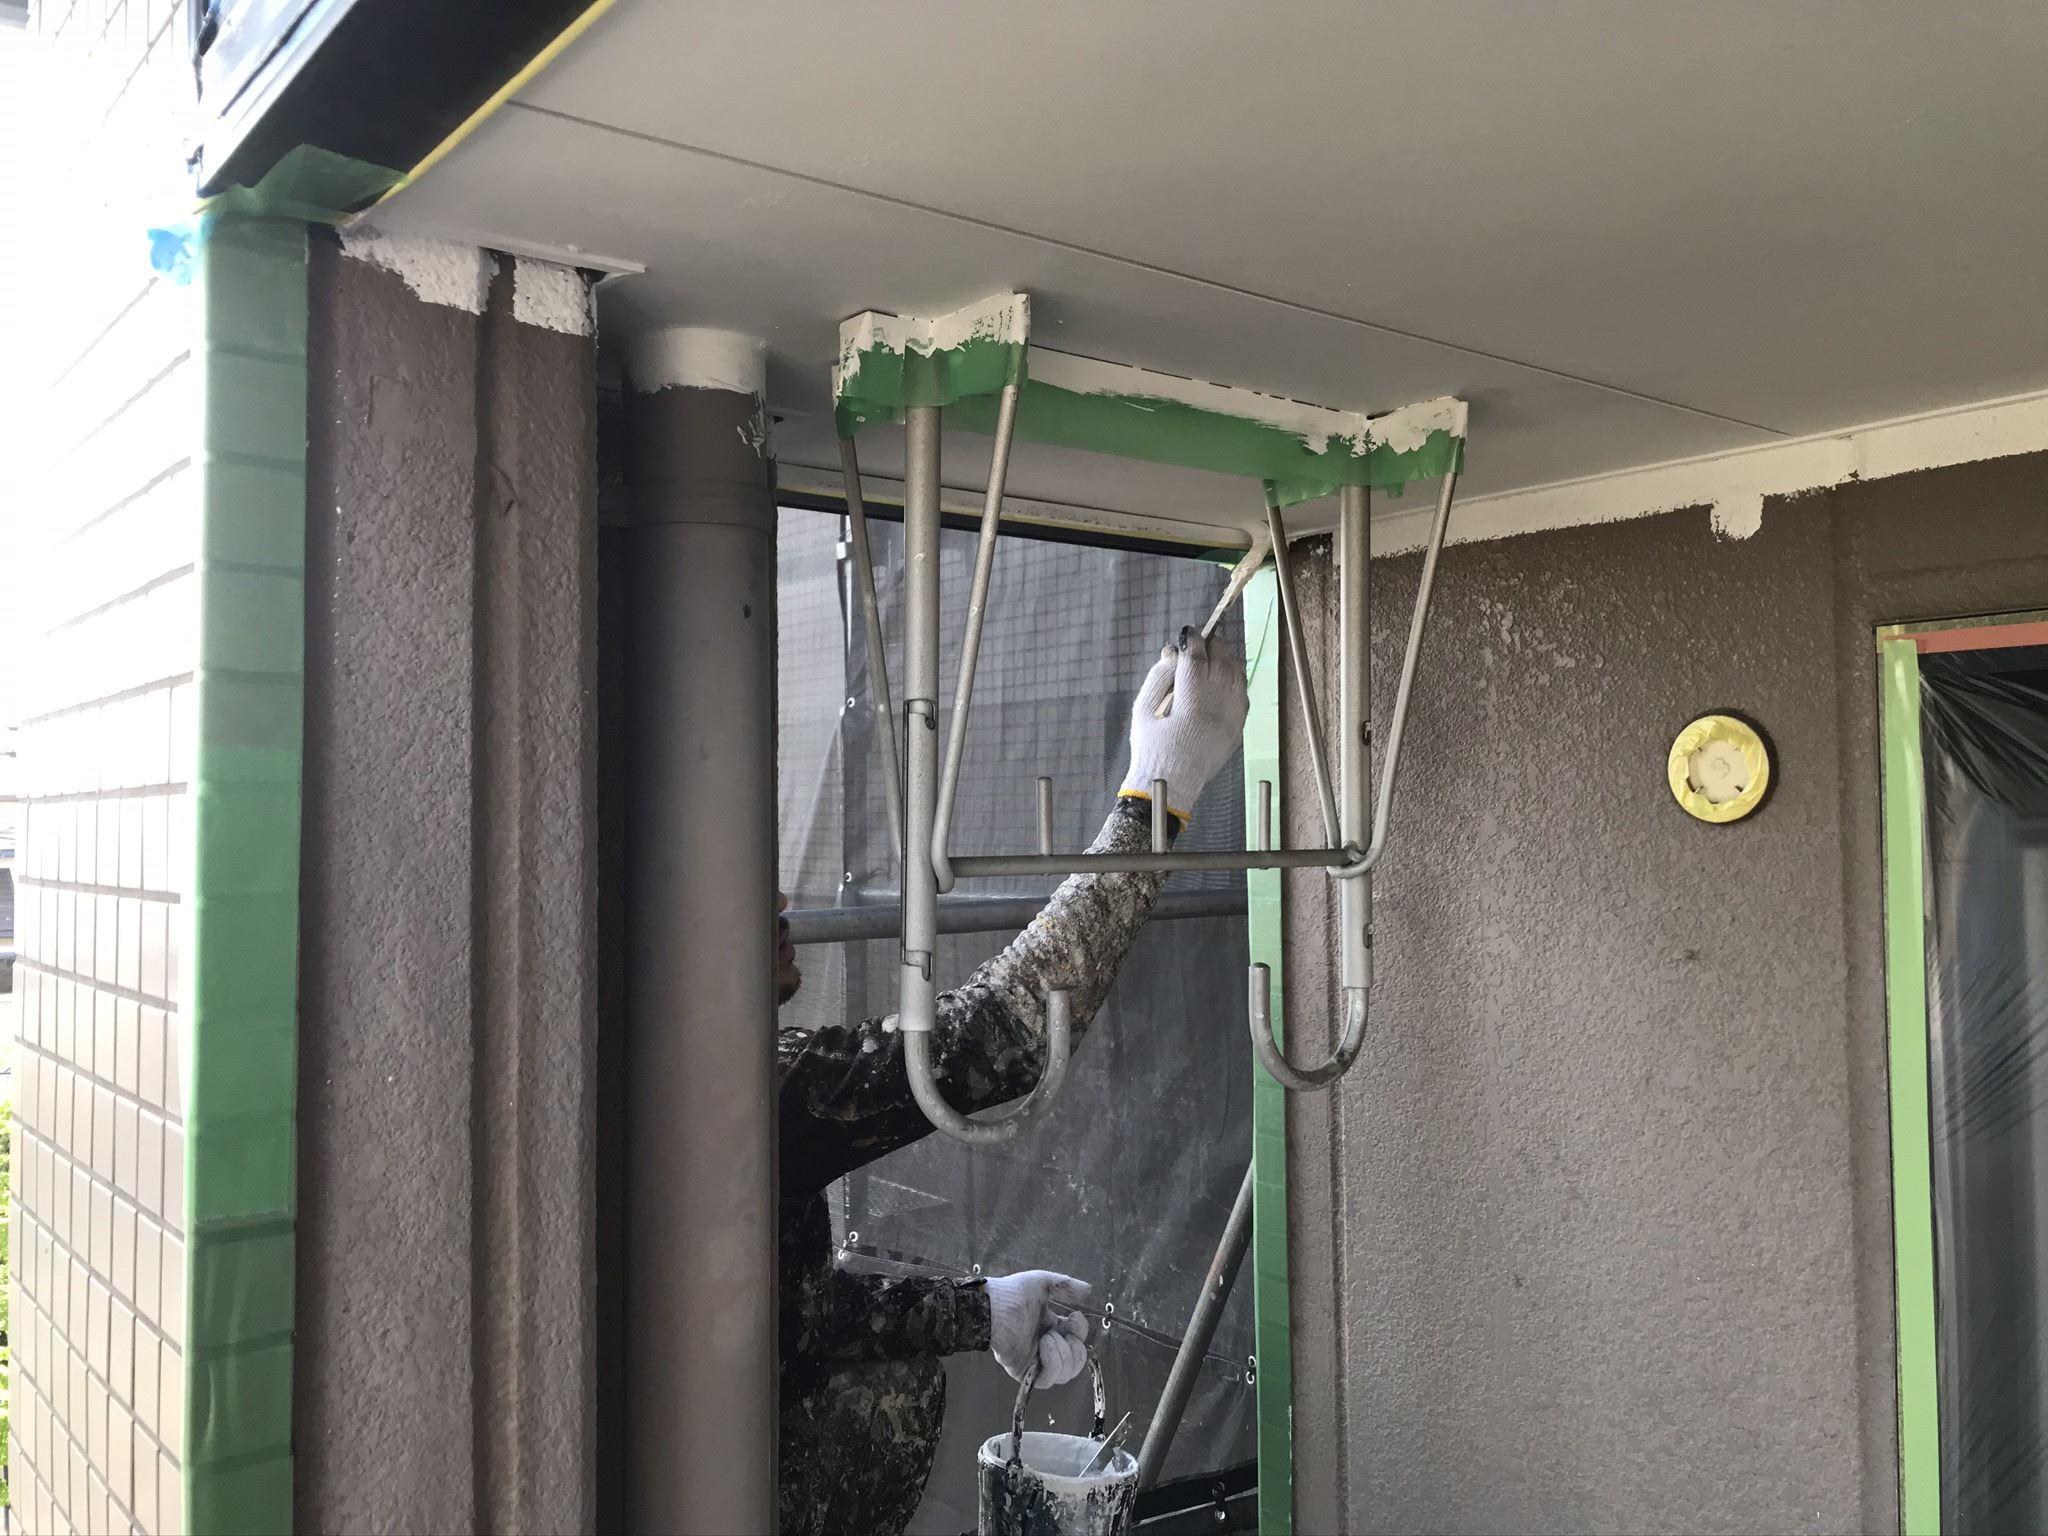 さいたま市北区のマンションベランダ内の軒天の端刷毛で塗装